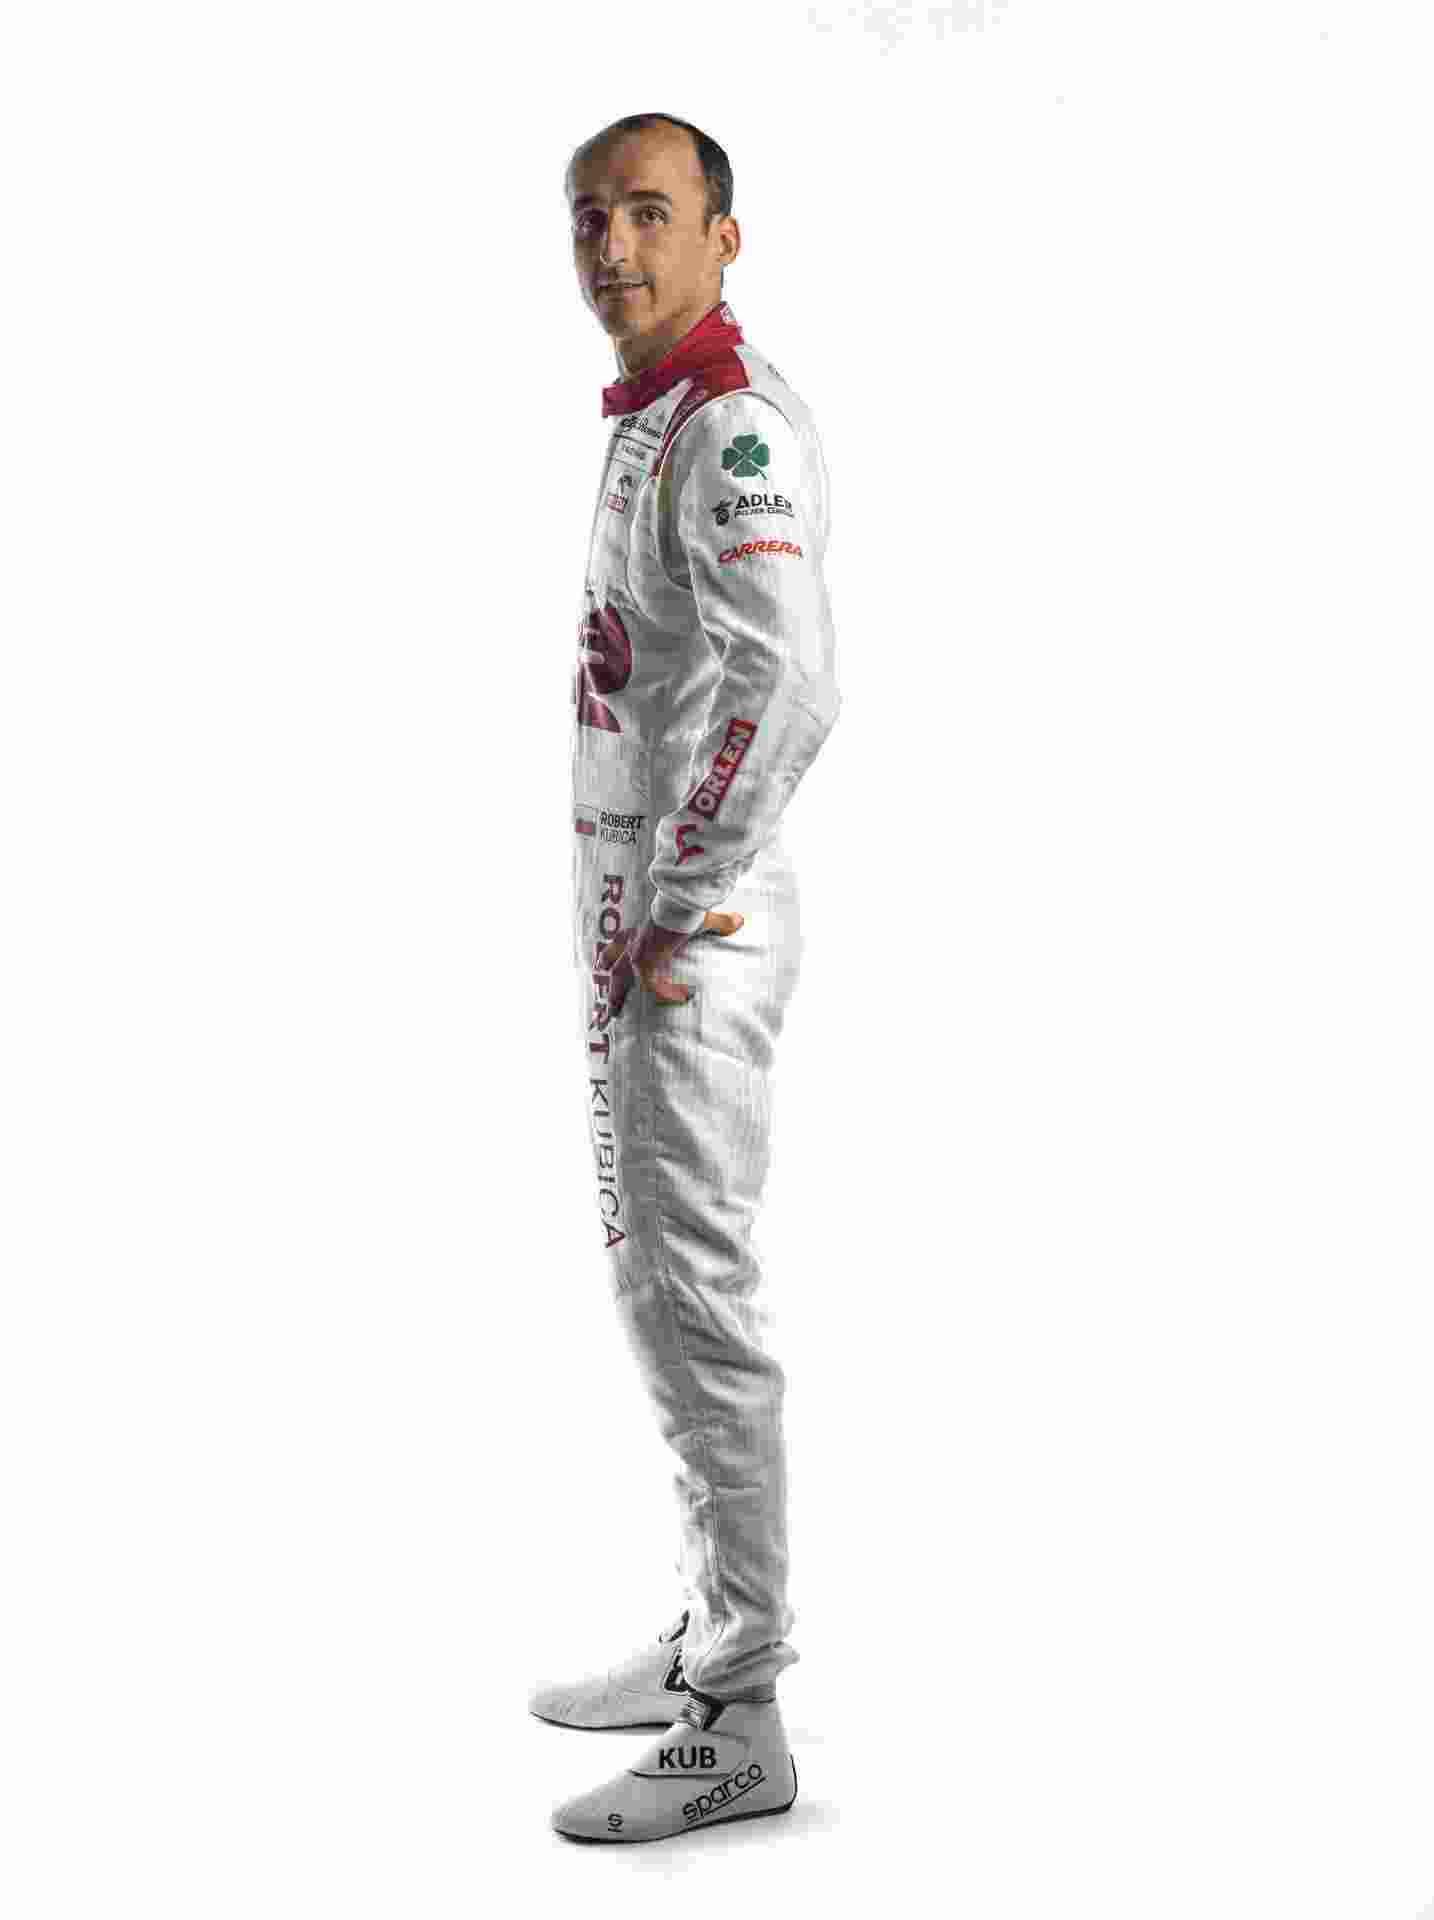 Robert-Kubica-Race-Suit-4